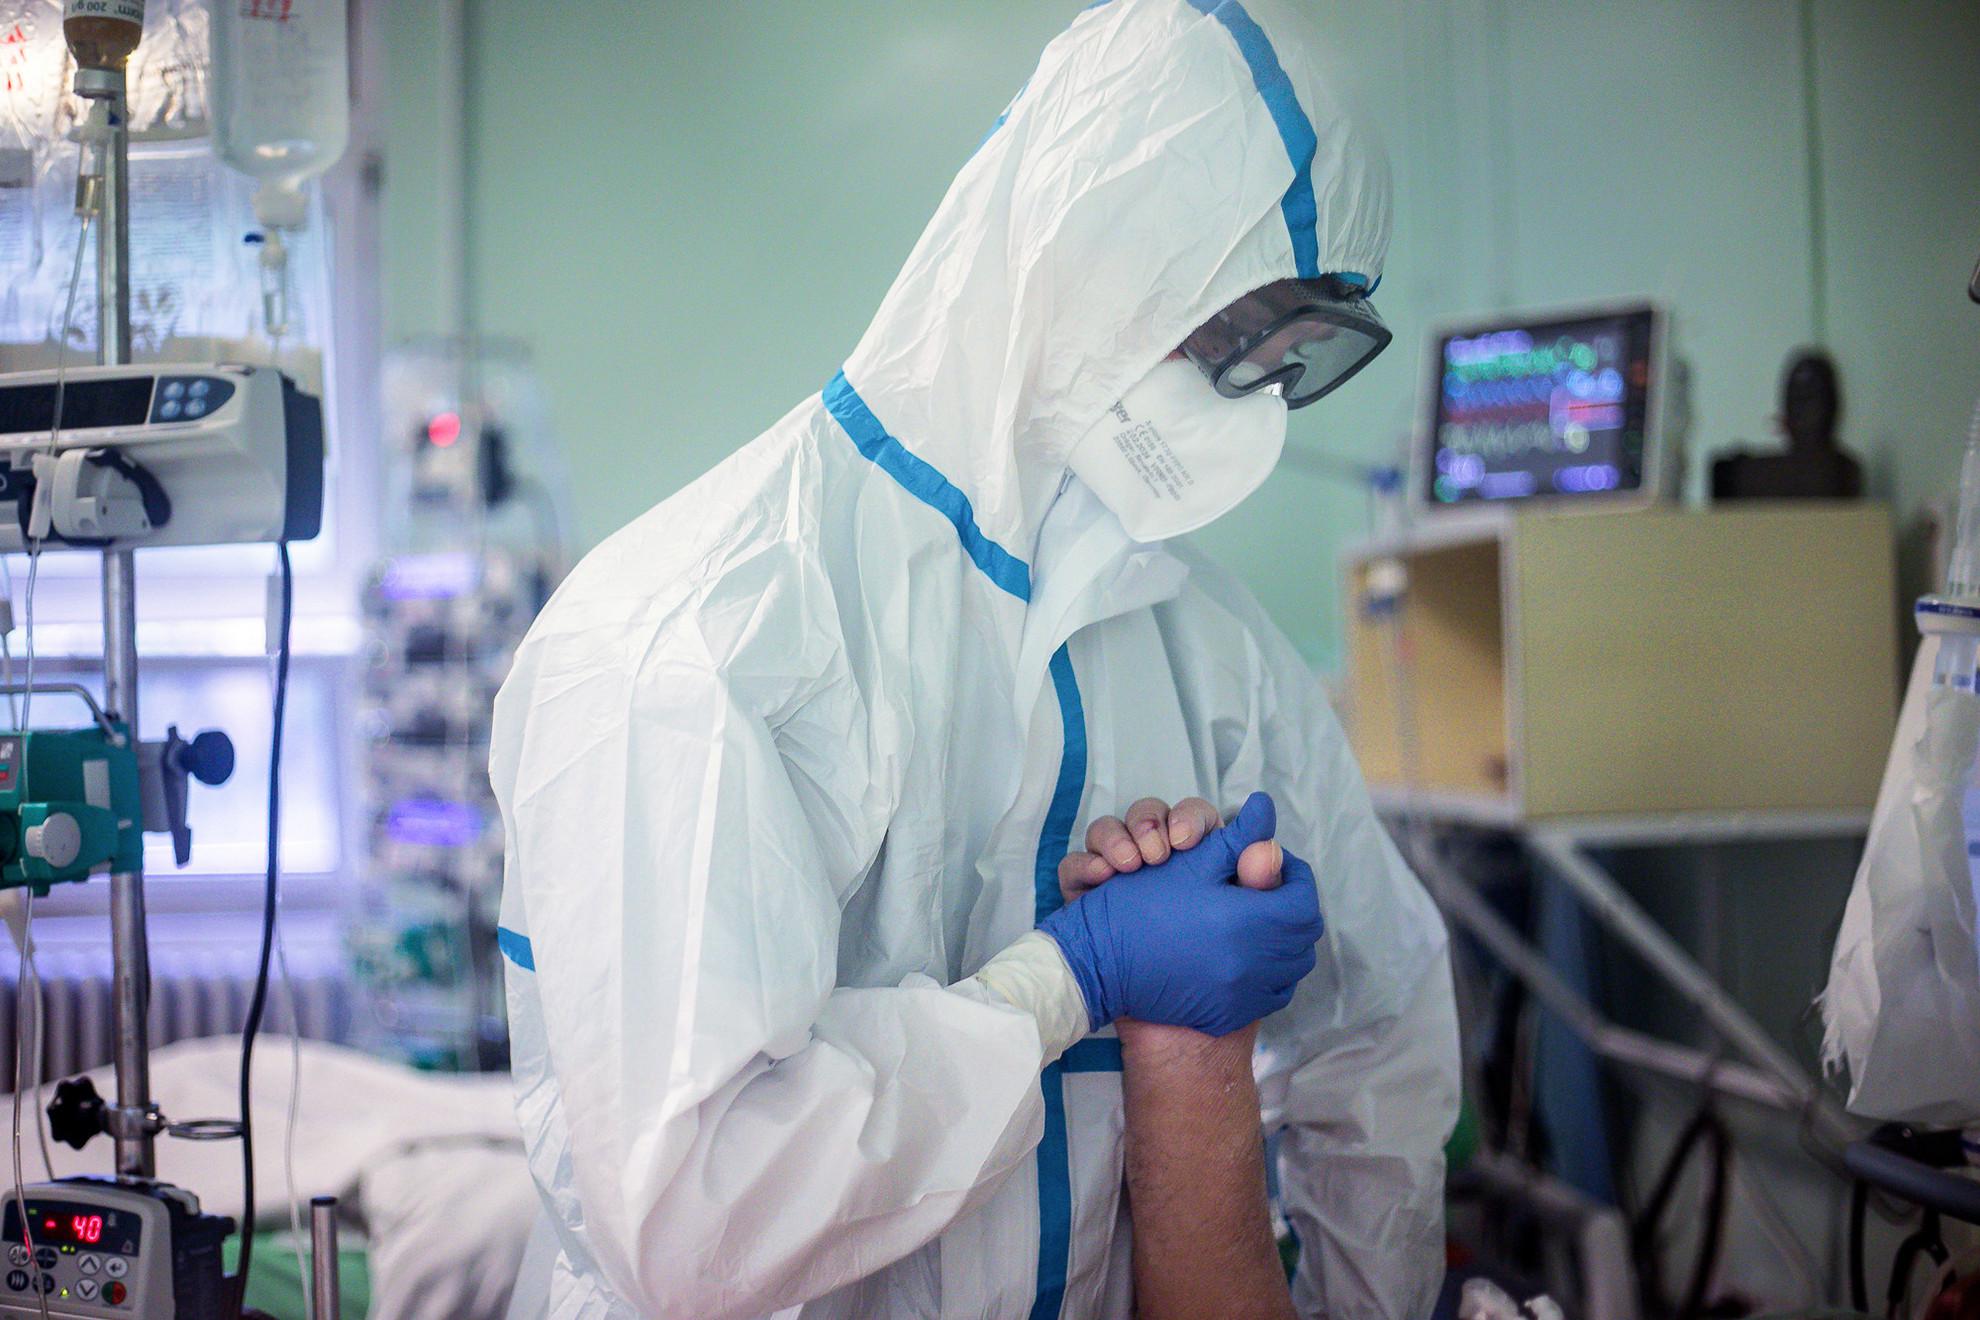 Koronavírussal fertőzött beteget látnak el a Dél-pesti Centrumkórház, Szent László Kórház infektológia intenzív osztályán. Budapest, 2020.05.20.